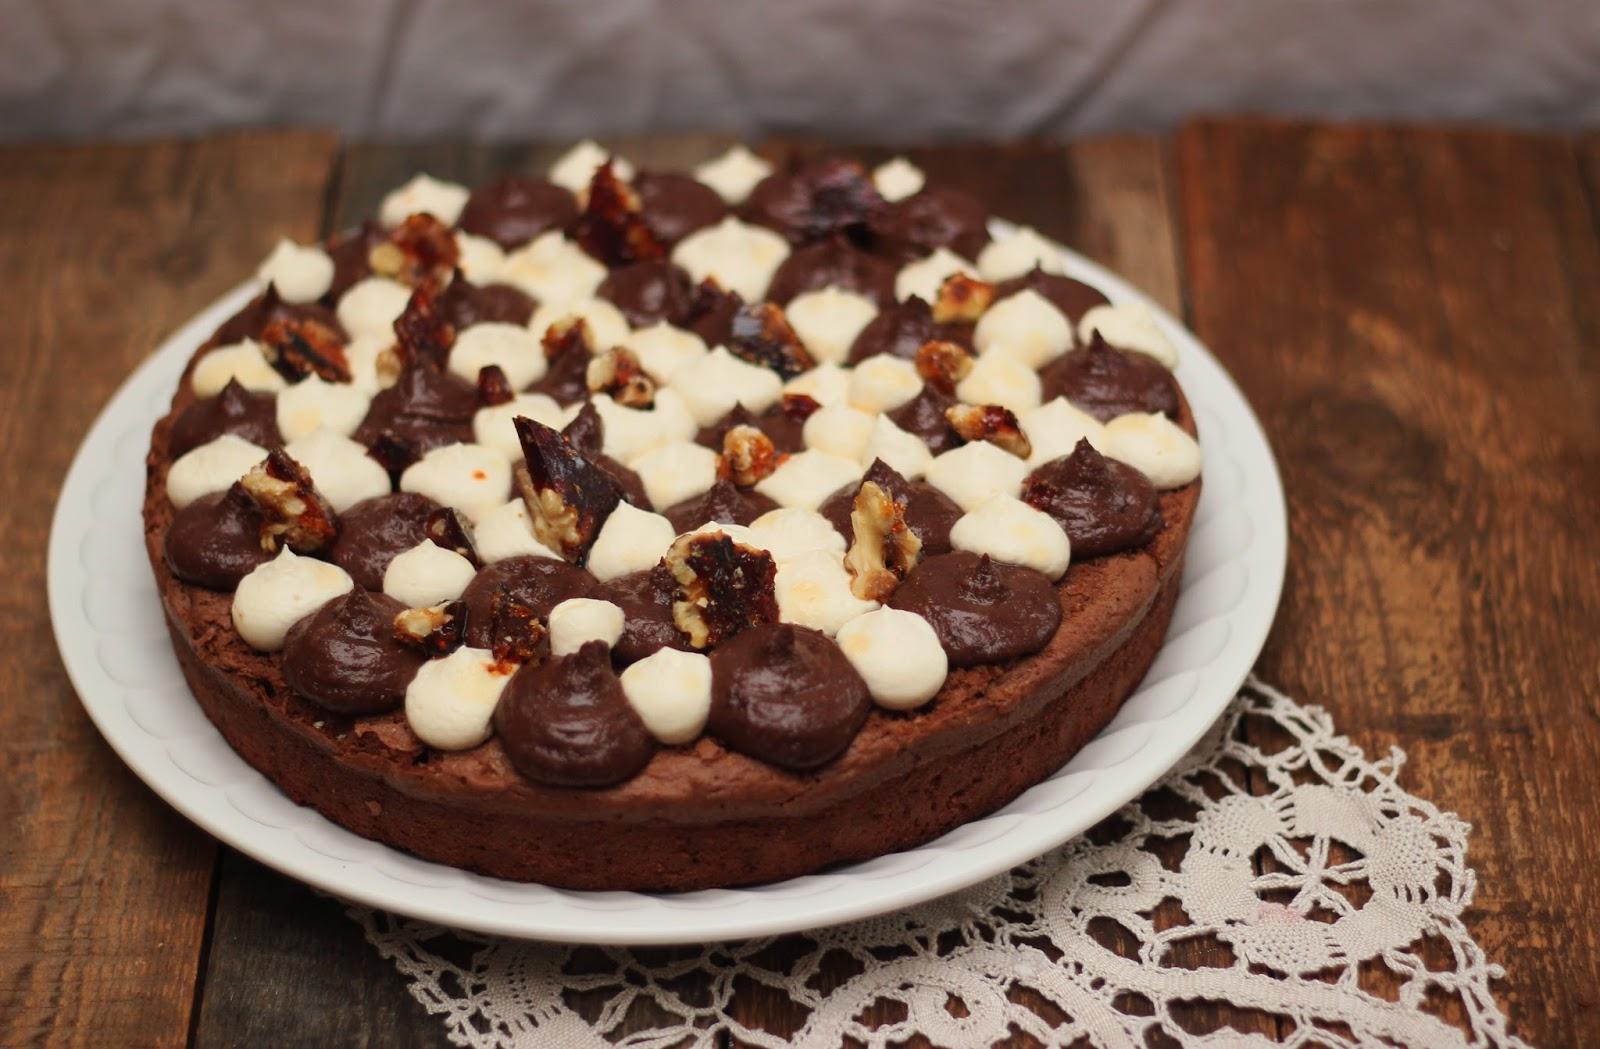 Recette du Fantastik à la façon du célèbre Michalak au chocolat et sirop d'érable